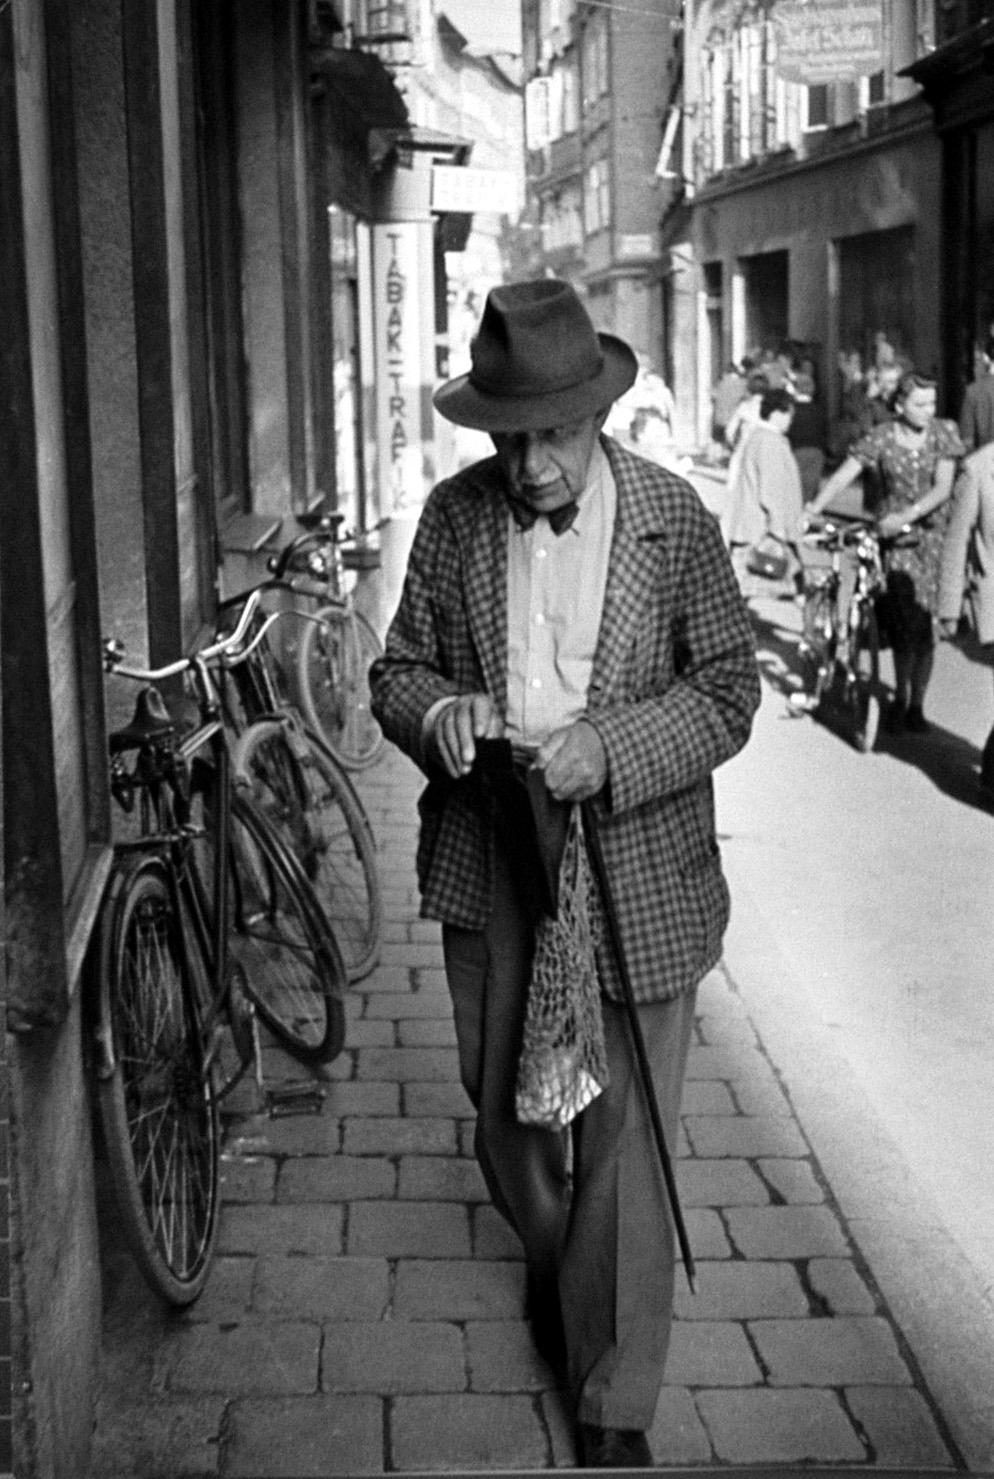 Фотографы: Henri Cartier-Bresson (Анри Картье-Брессон)